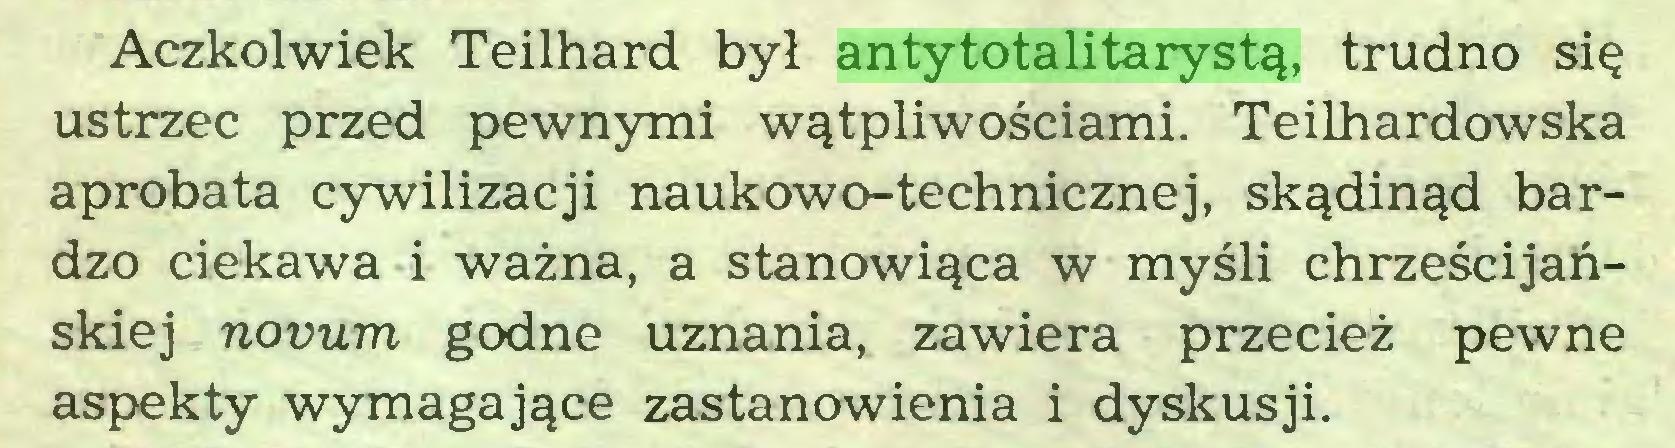 (...) Aczkolwiek Teilhard był antytotalitarystą, trudno się ustrzec przed pewnymi wątpliwościami. Teilhardowska aprobata cywilizacji naukowo-technicznej, skądinąd bardzo ciekawa i ważna, a stanowiąca w myśli chrześcijańskiej novum godne uznania, zawiera przecież pewne aspekty wymagające zastanowienia i dyskusji...